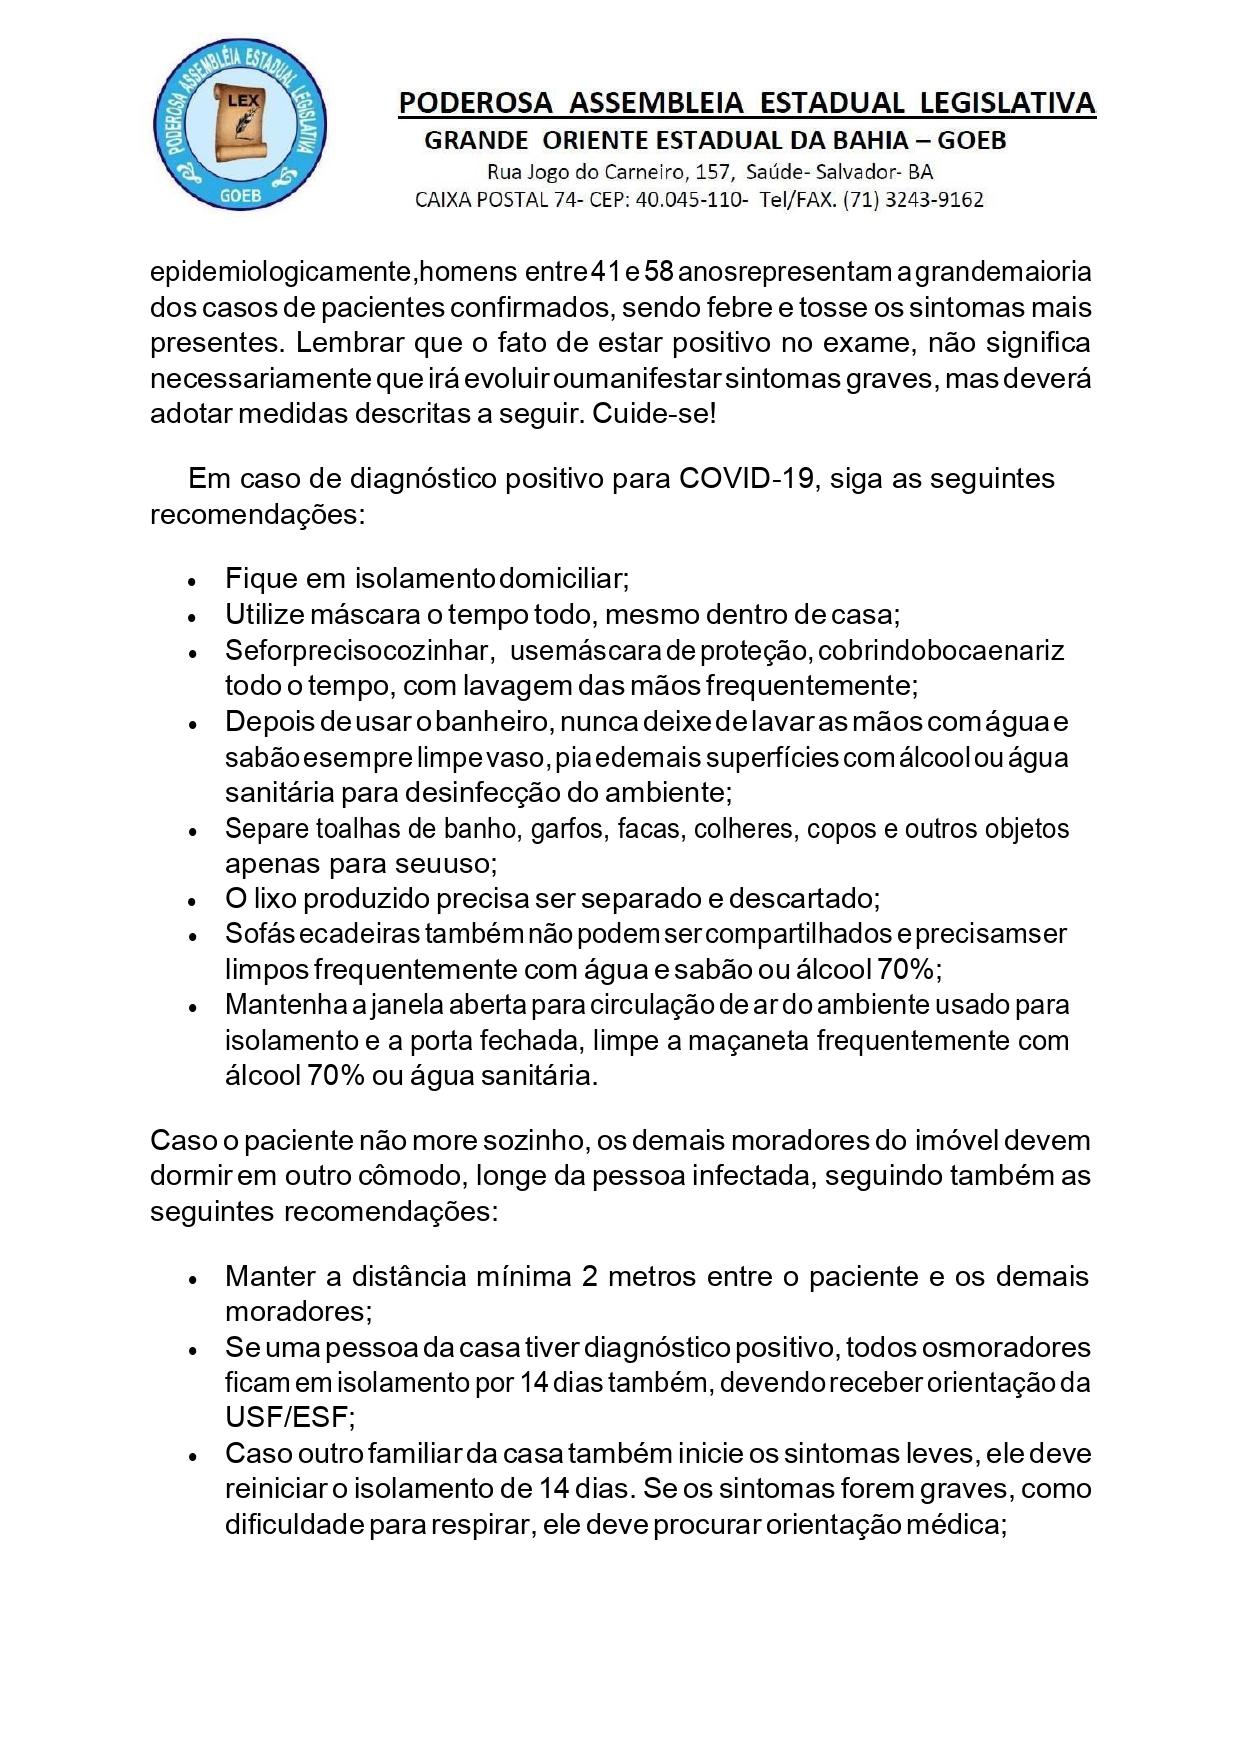 Orientação CoronaVirus - PAEL_04052020_page-0004